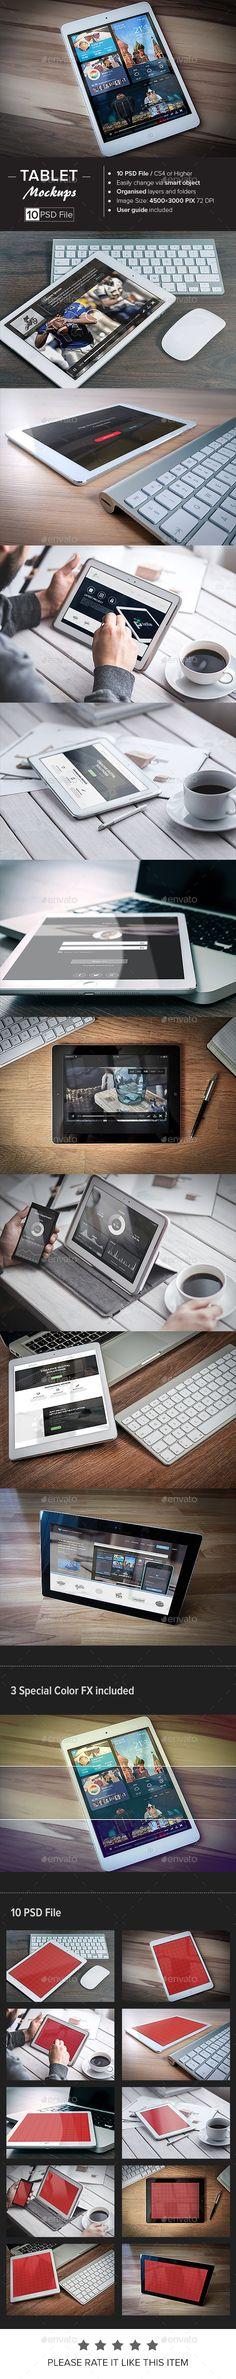 Tablet Mock-Up #ipad #presentation Download: http://graphicriver.net/item/tablet-mockup/11002940?ref=ksioks